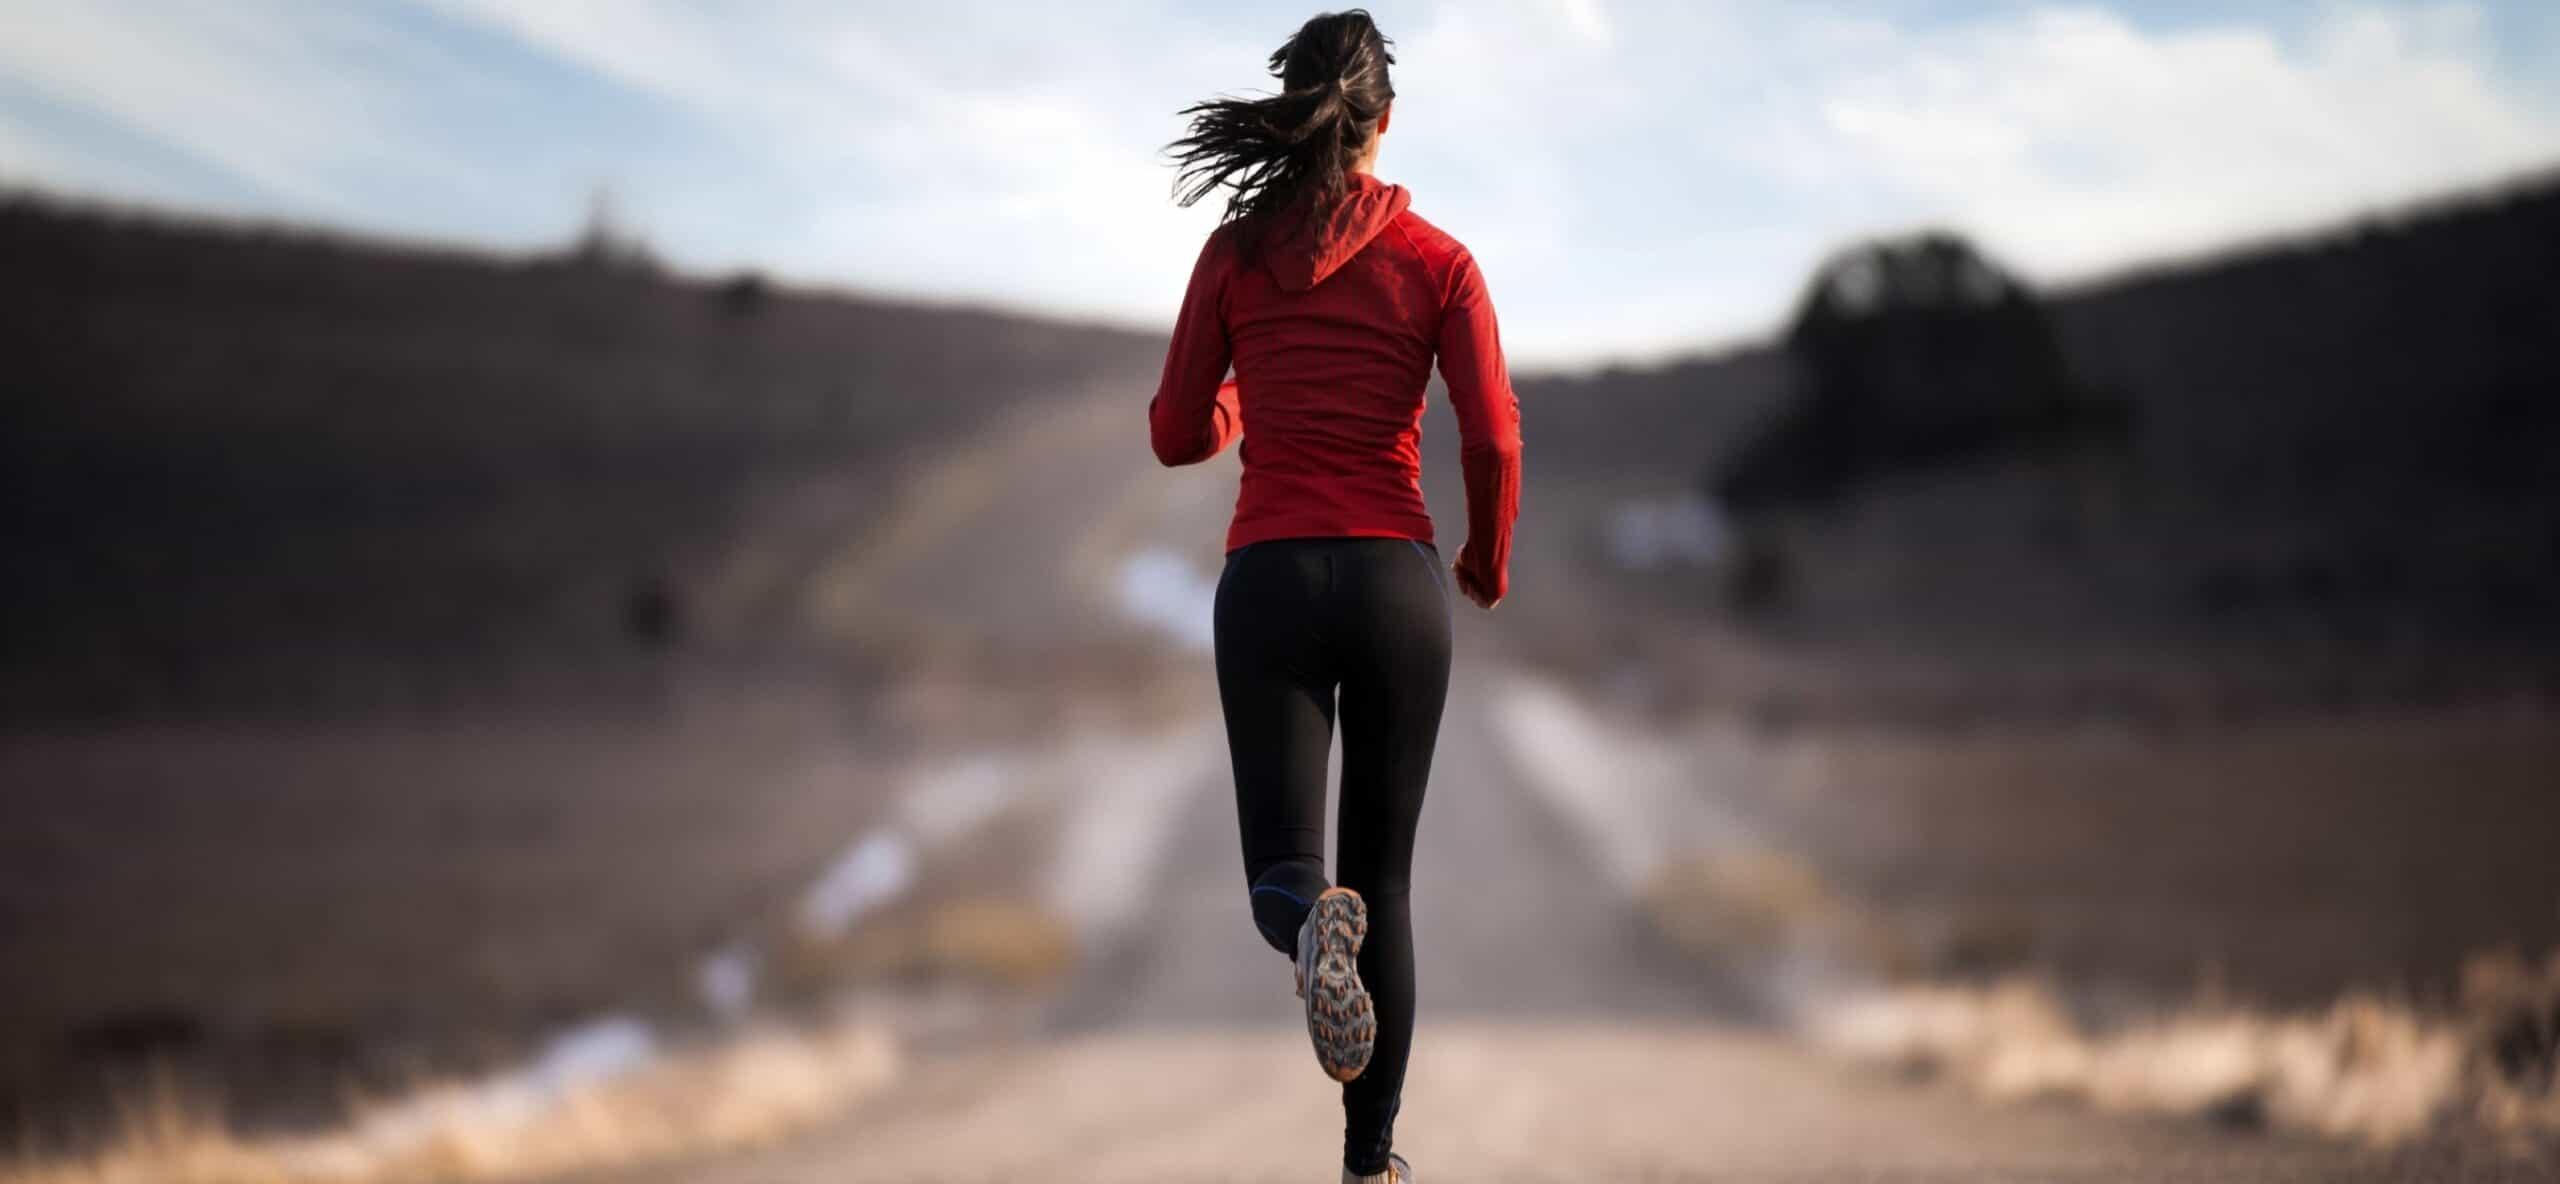 Löptid, vad är det? – Förklaring och definition av löptid